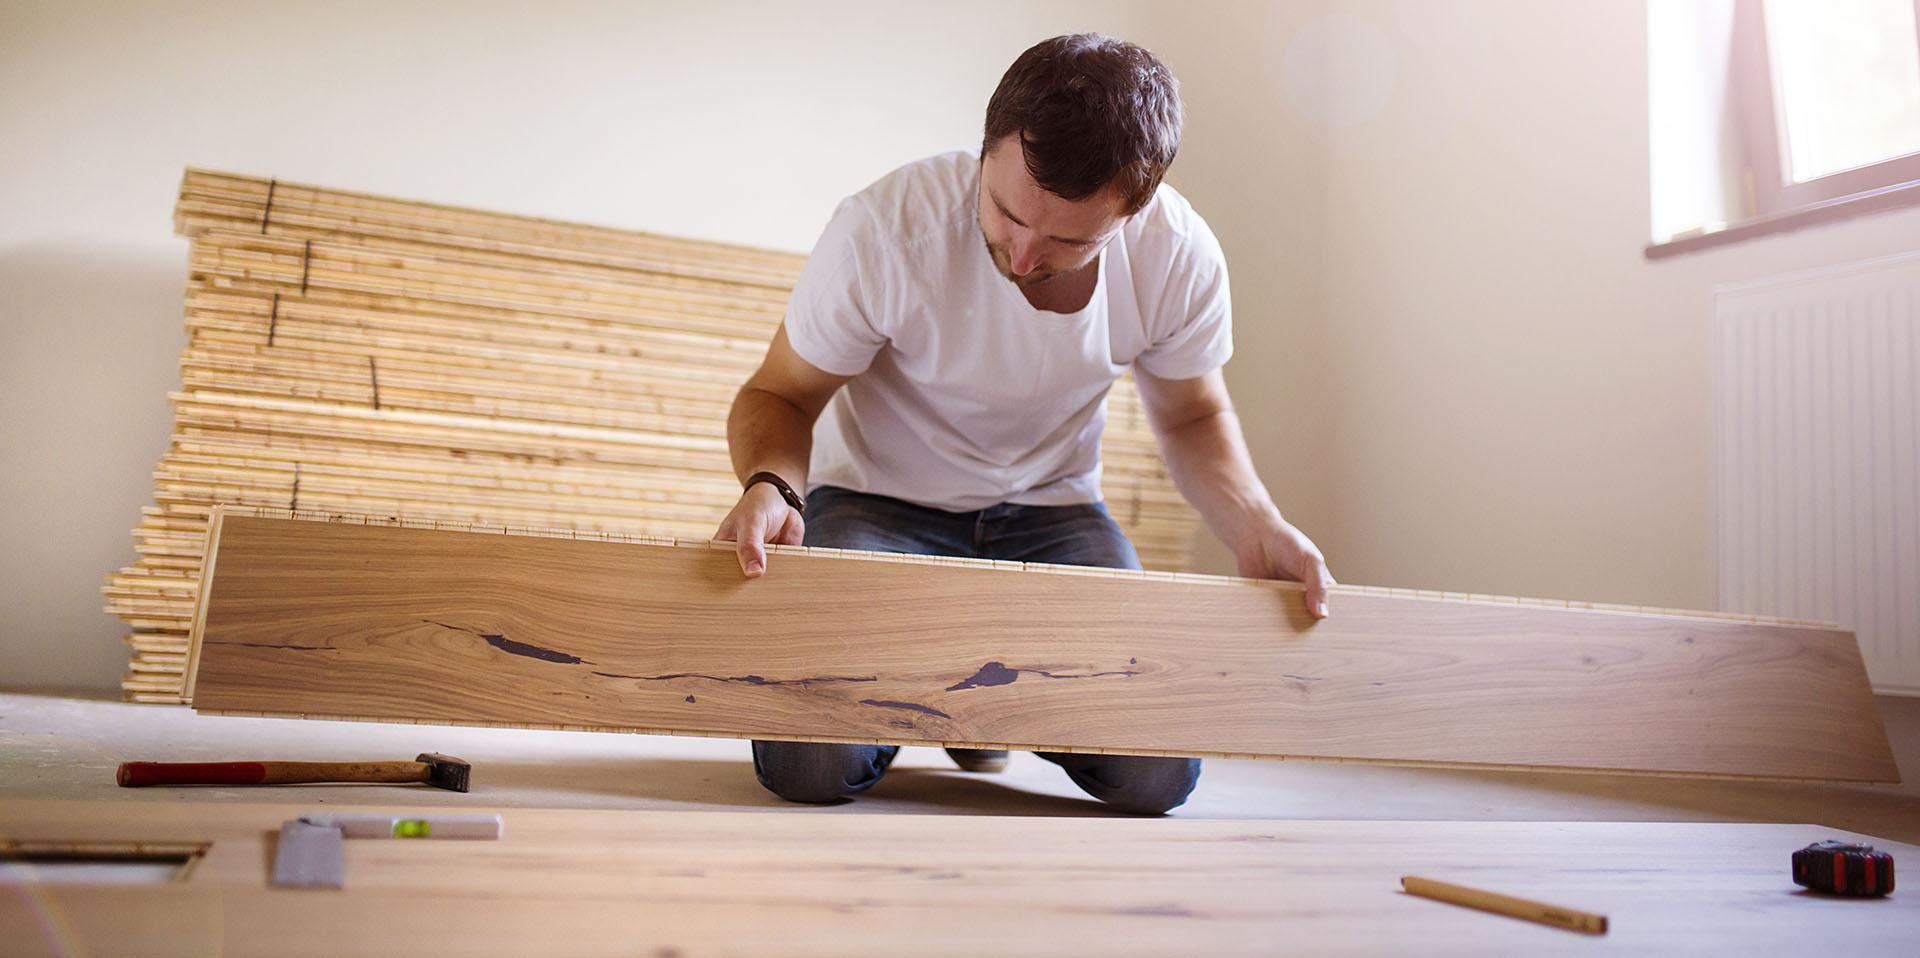 monsieur bricolage gisors magasin de bricolage jardinage et d coration. Black Bedroom Furniture Sets. Home Design Ideas